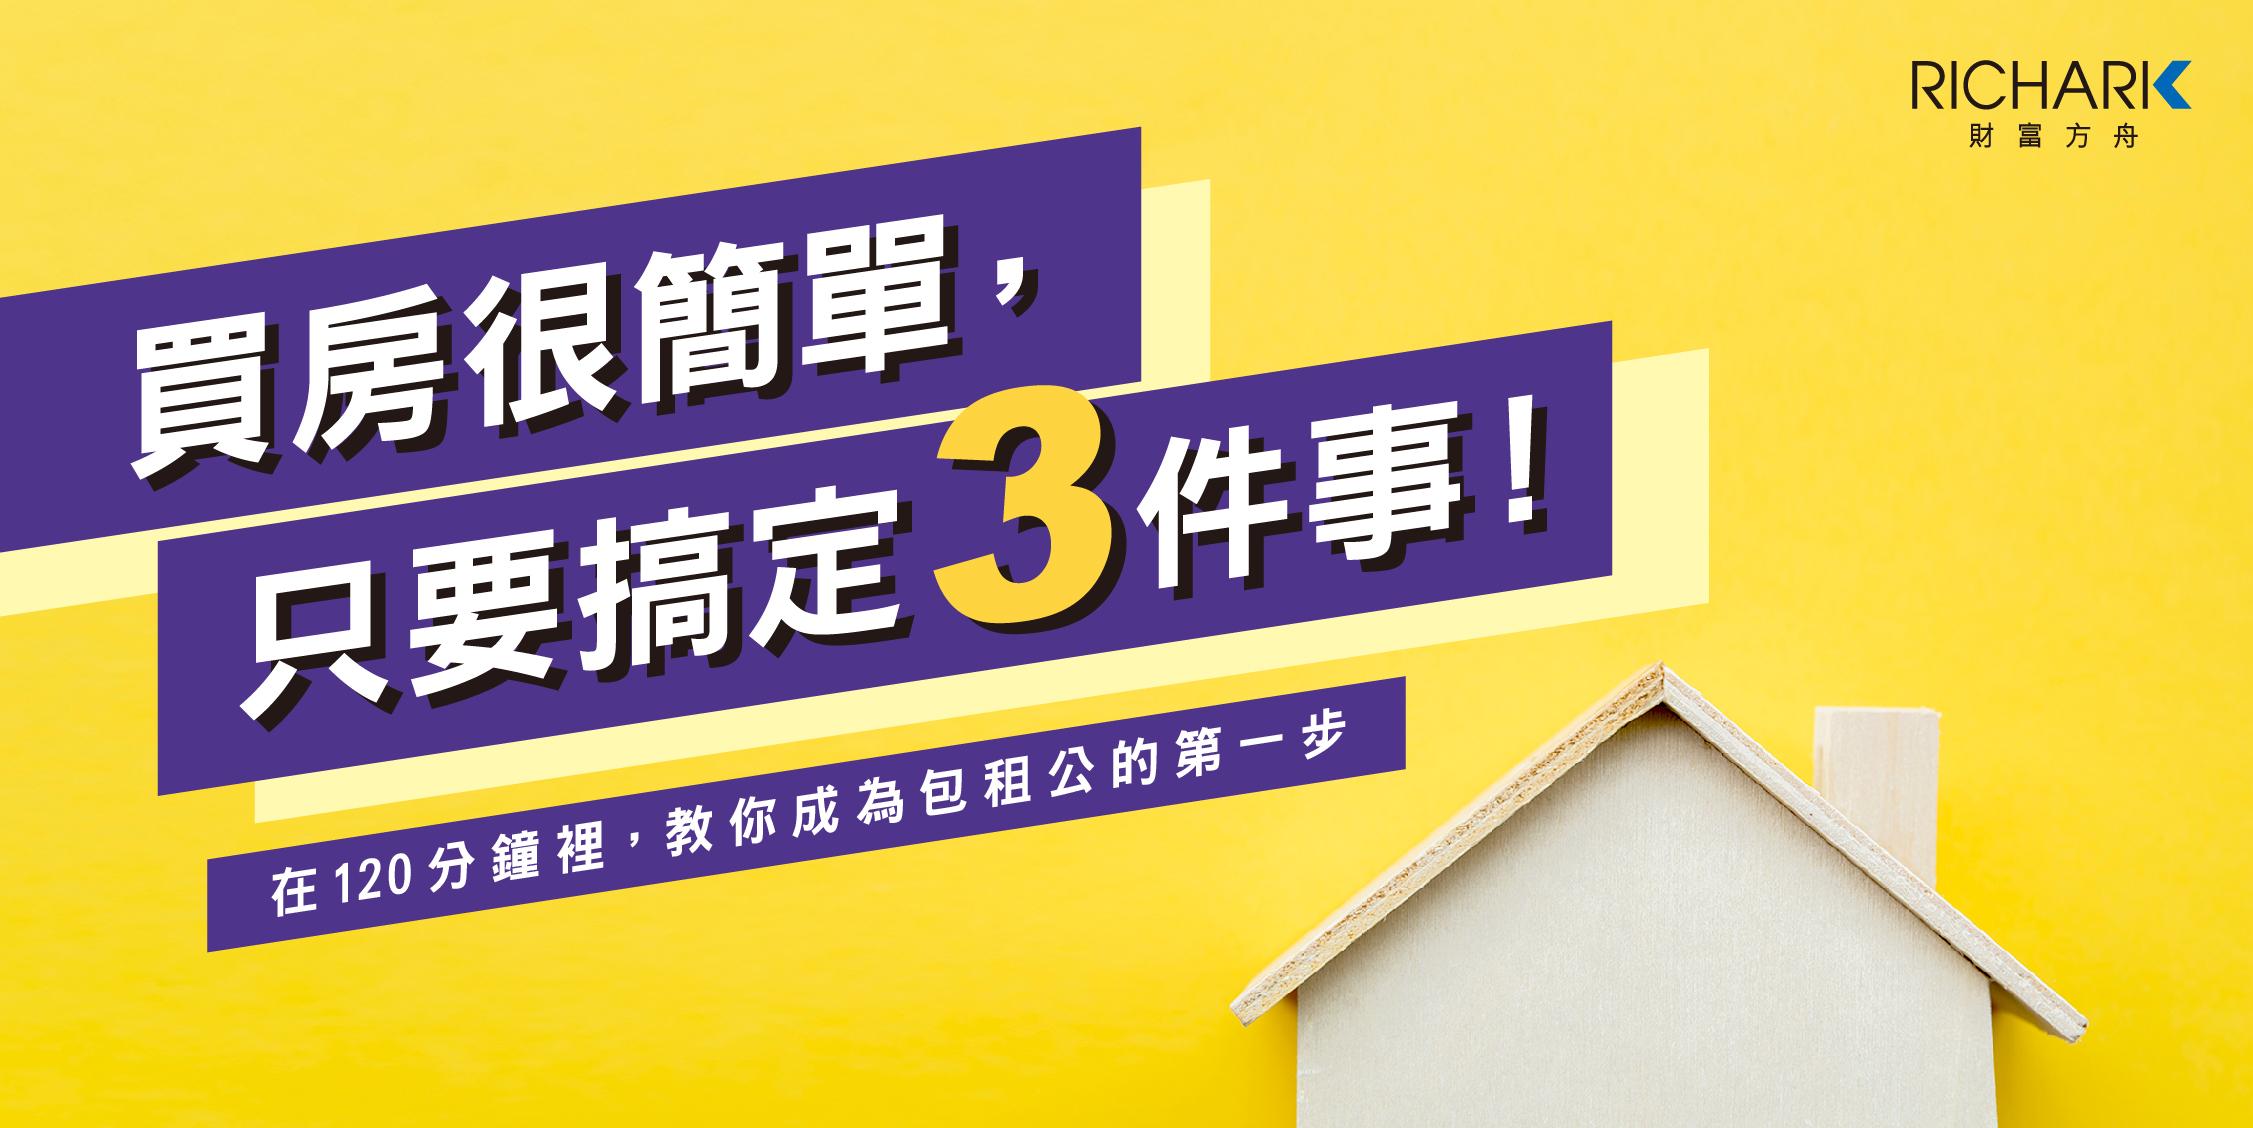 買房很簡單,只要搞定3件事